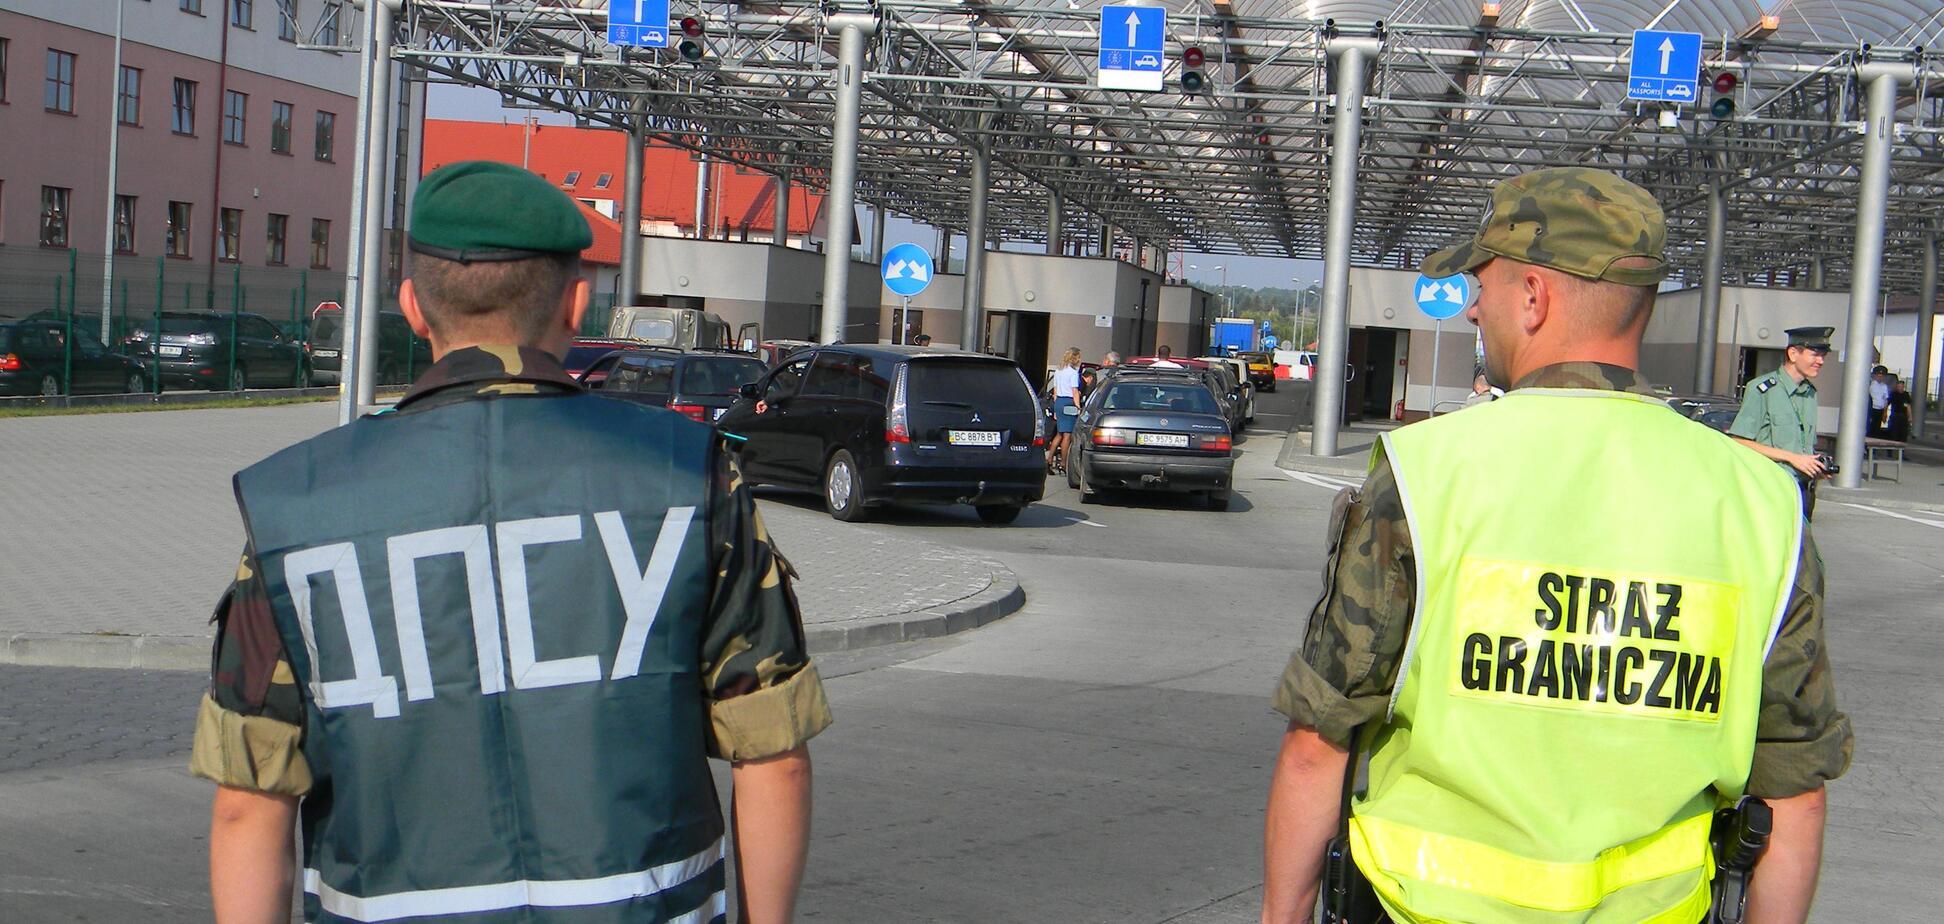 Польша соорудит стену на границе с Украиной